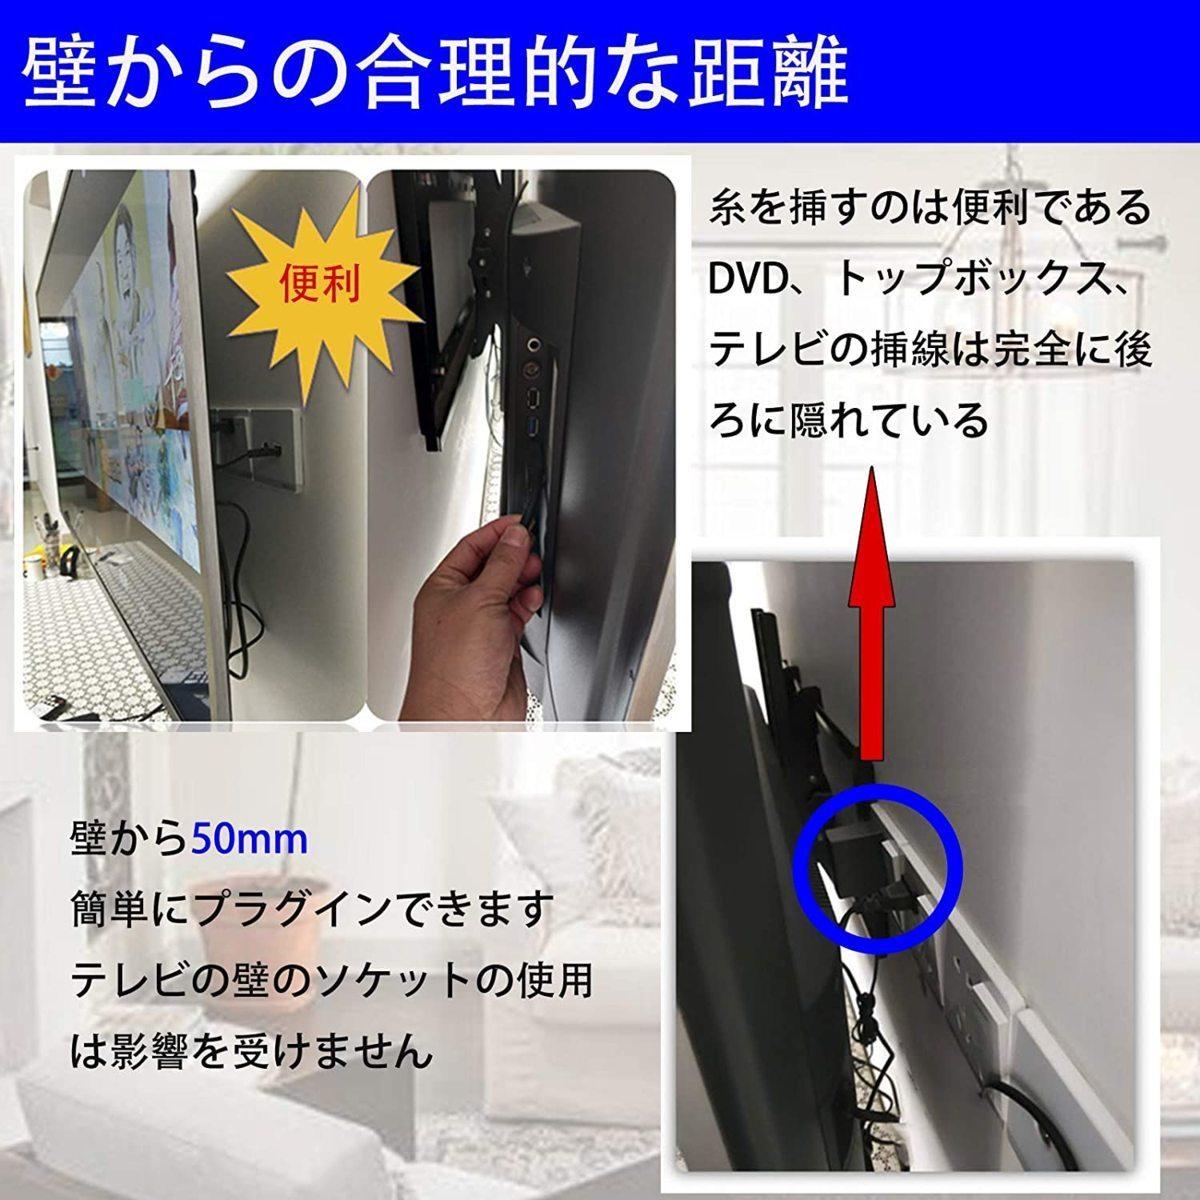 【特価品】在庫限り/テレビ 壁掛け 金具 14~42インチ LED 液晶 テレビ台 対応 左右 移動式 角度 調節 最大耐荷重25KG 壁掛けテレビ 未使用_画像5